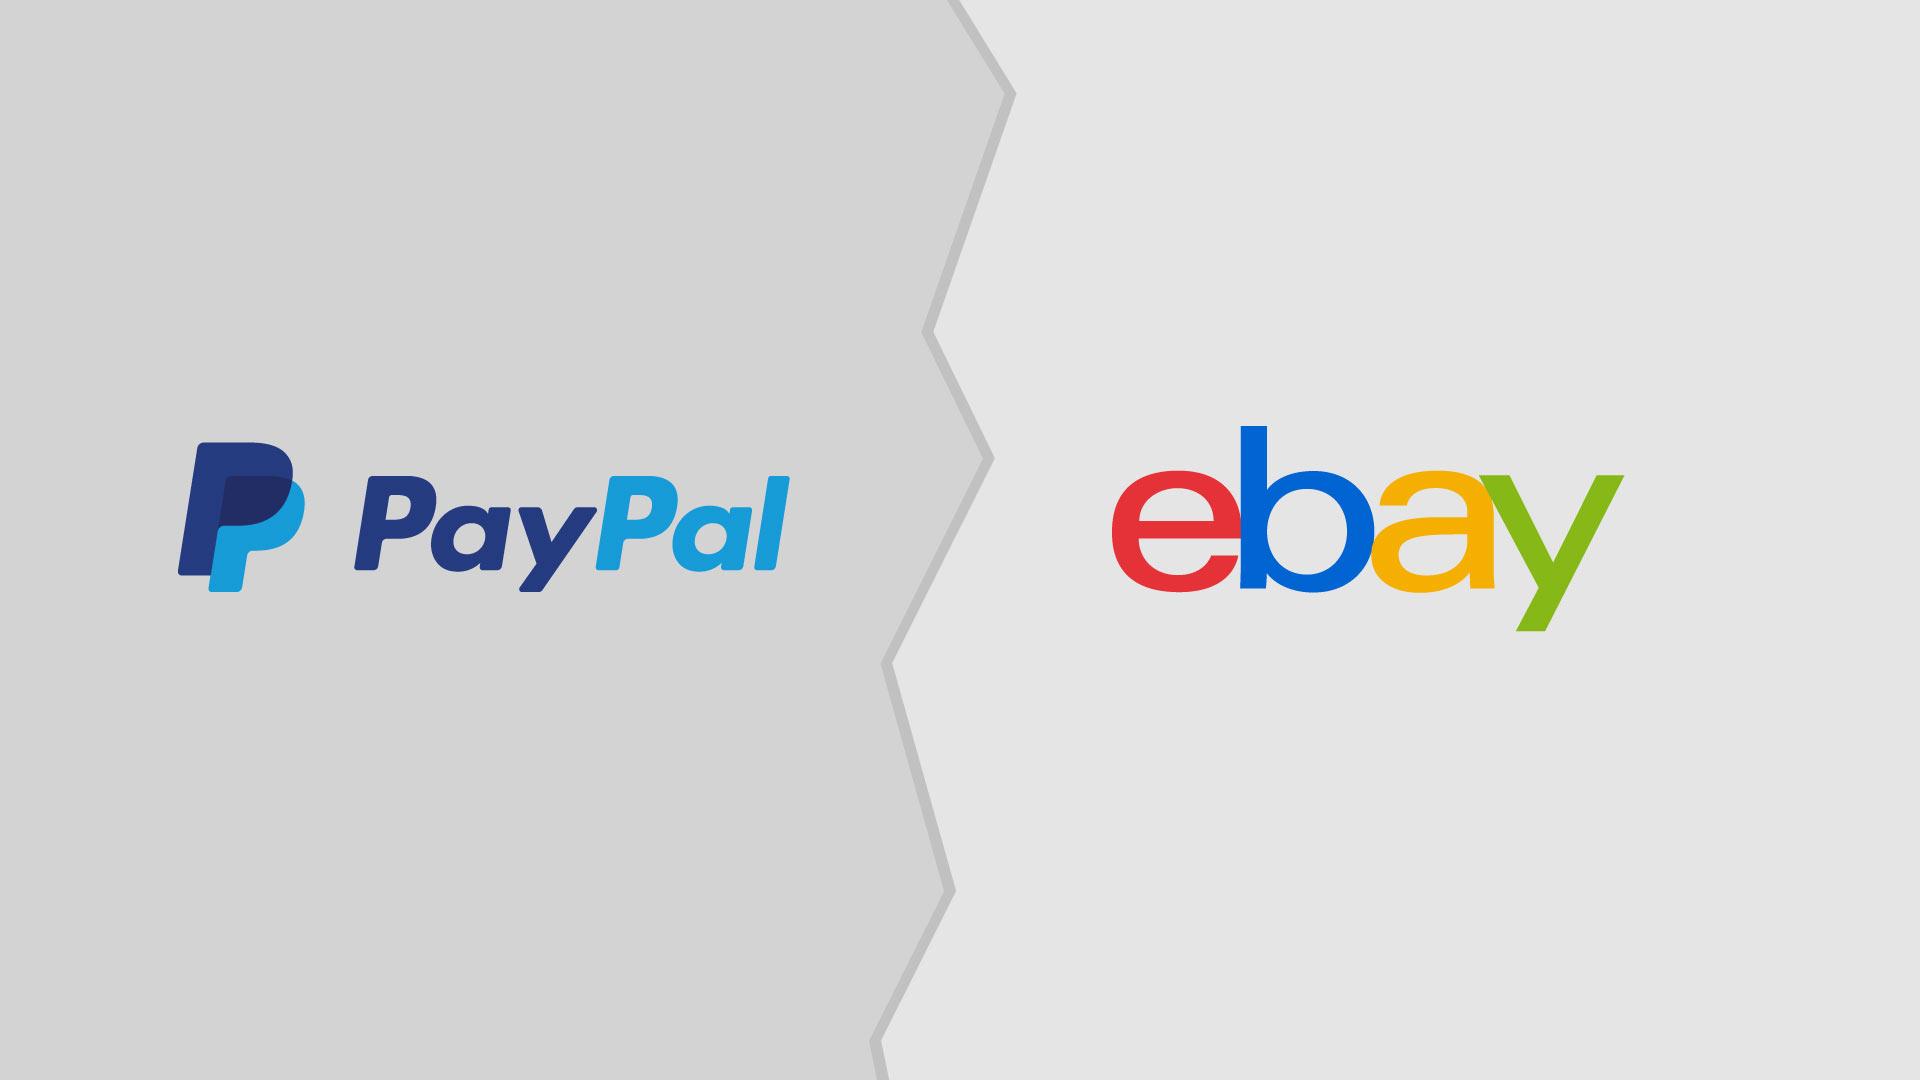 paypay ebay separazione